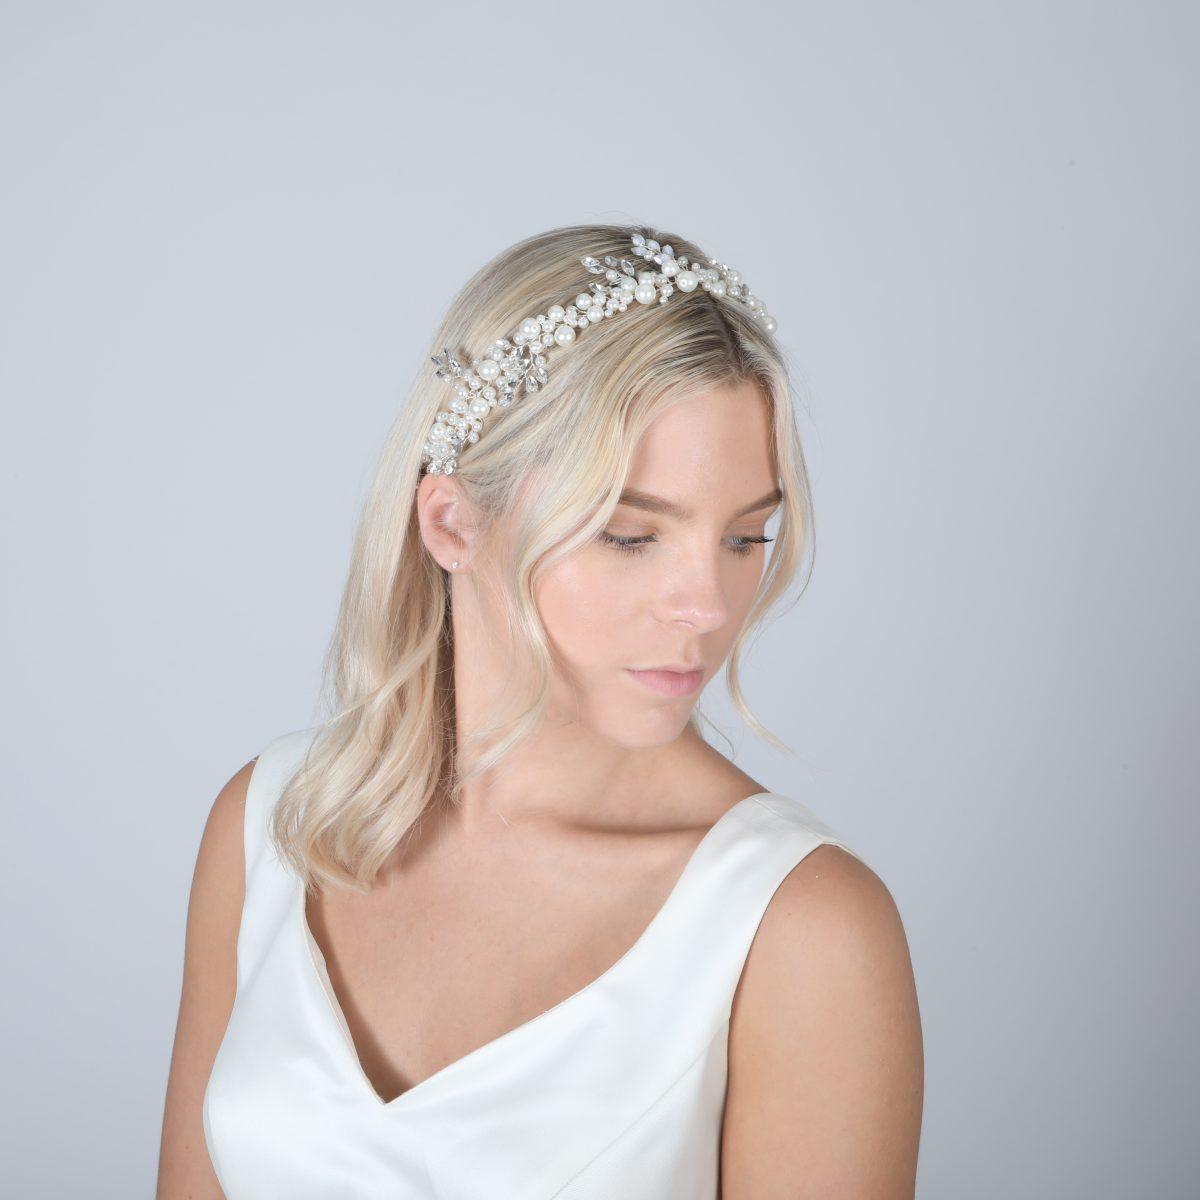 Perfect Bridal PBH7013 Hair Vine 2